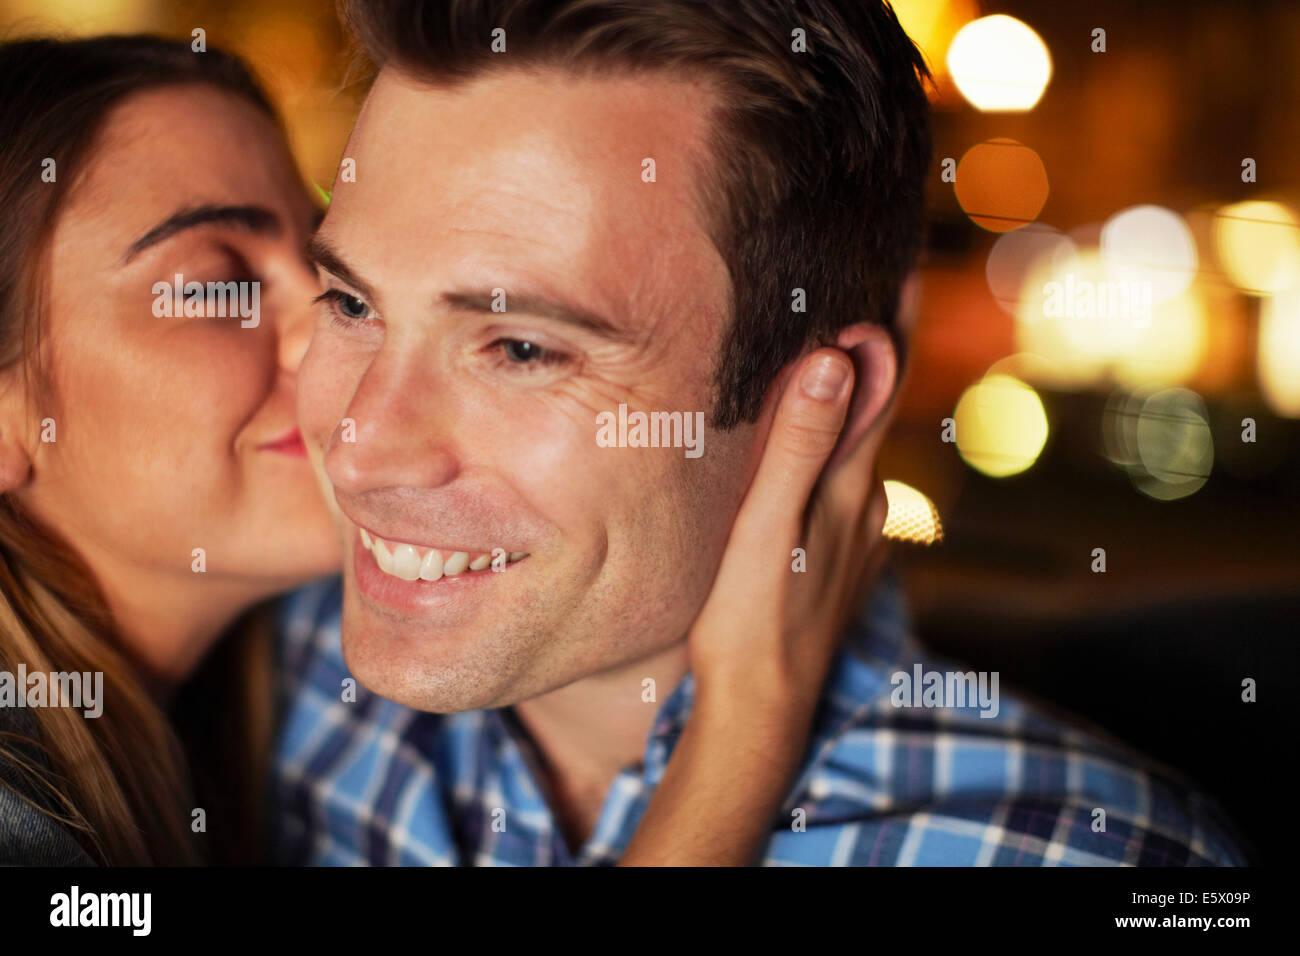 Paar Teilen Kuss auf die Wange im Stadt-Taxi in der Nacht Stockbild